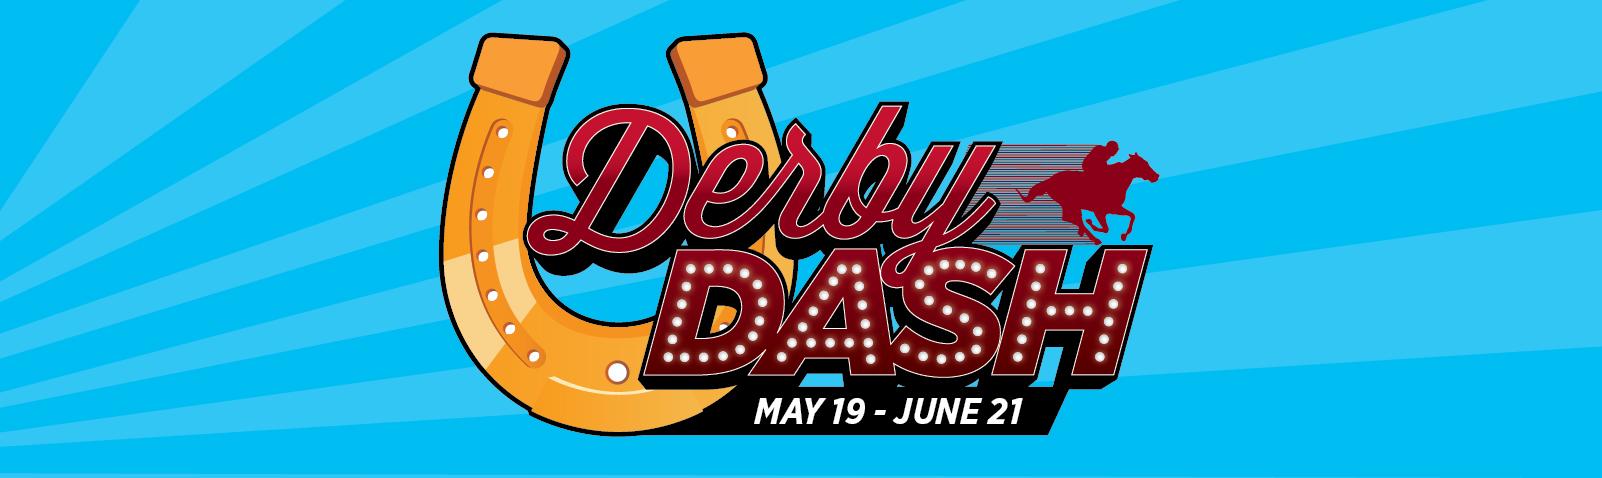 MKT16-146-2016-Derby-Dash_Revolution-Slider